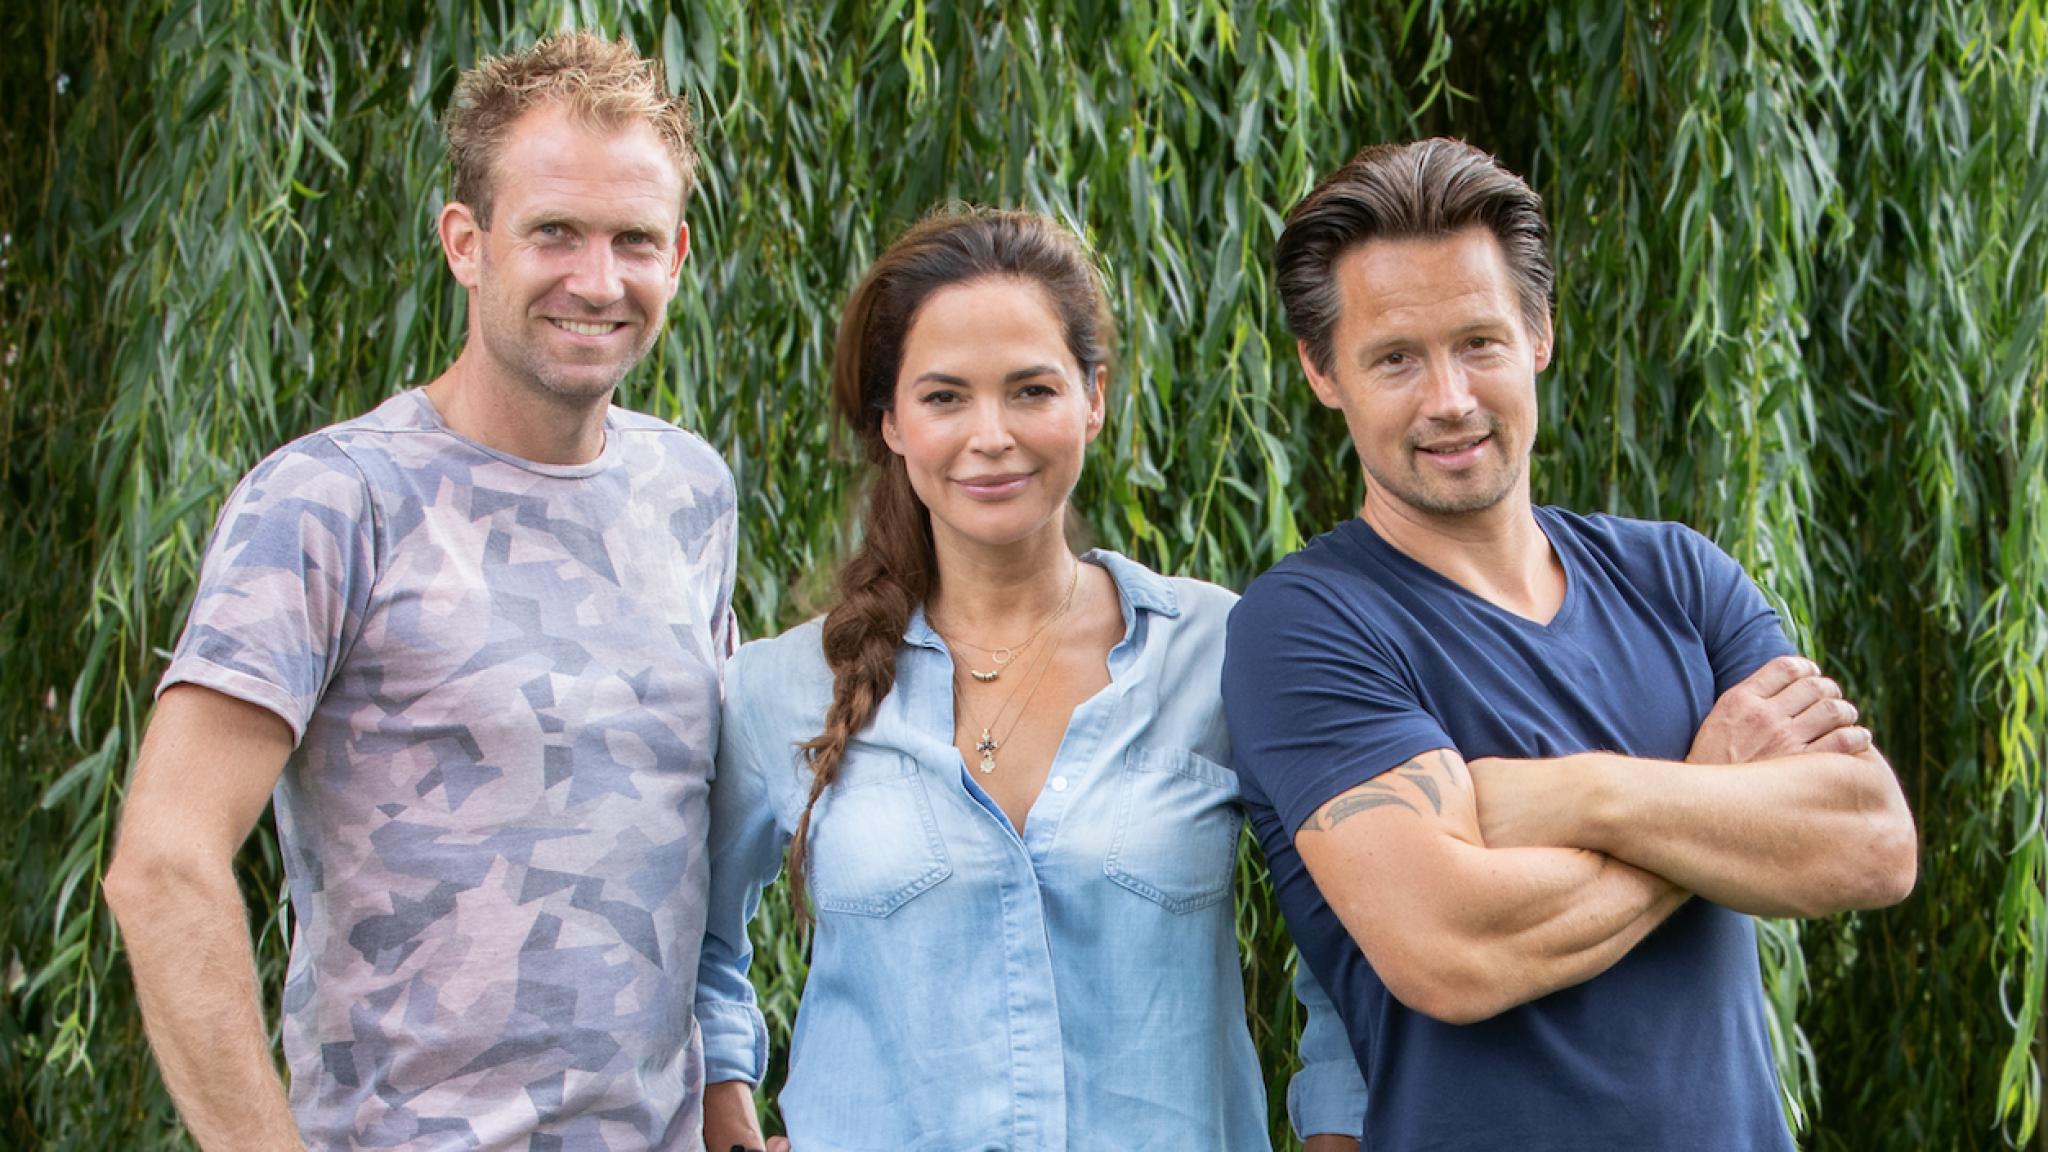 Klusprogramma Eigen Huis & Tuin stopt in huidige vorm | RTL Nieuws